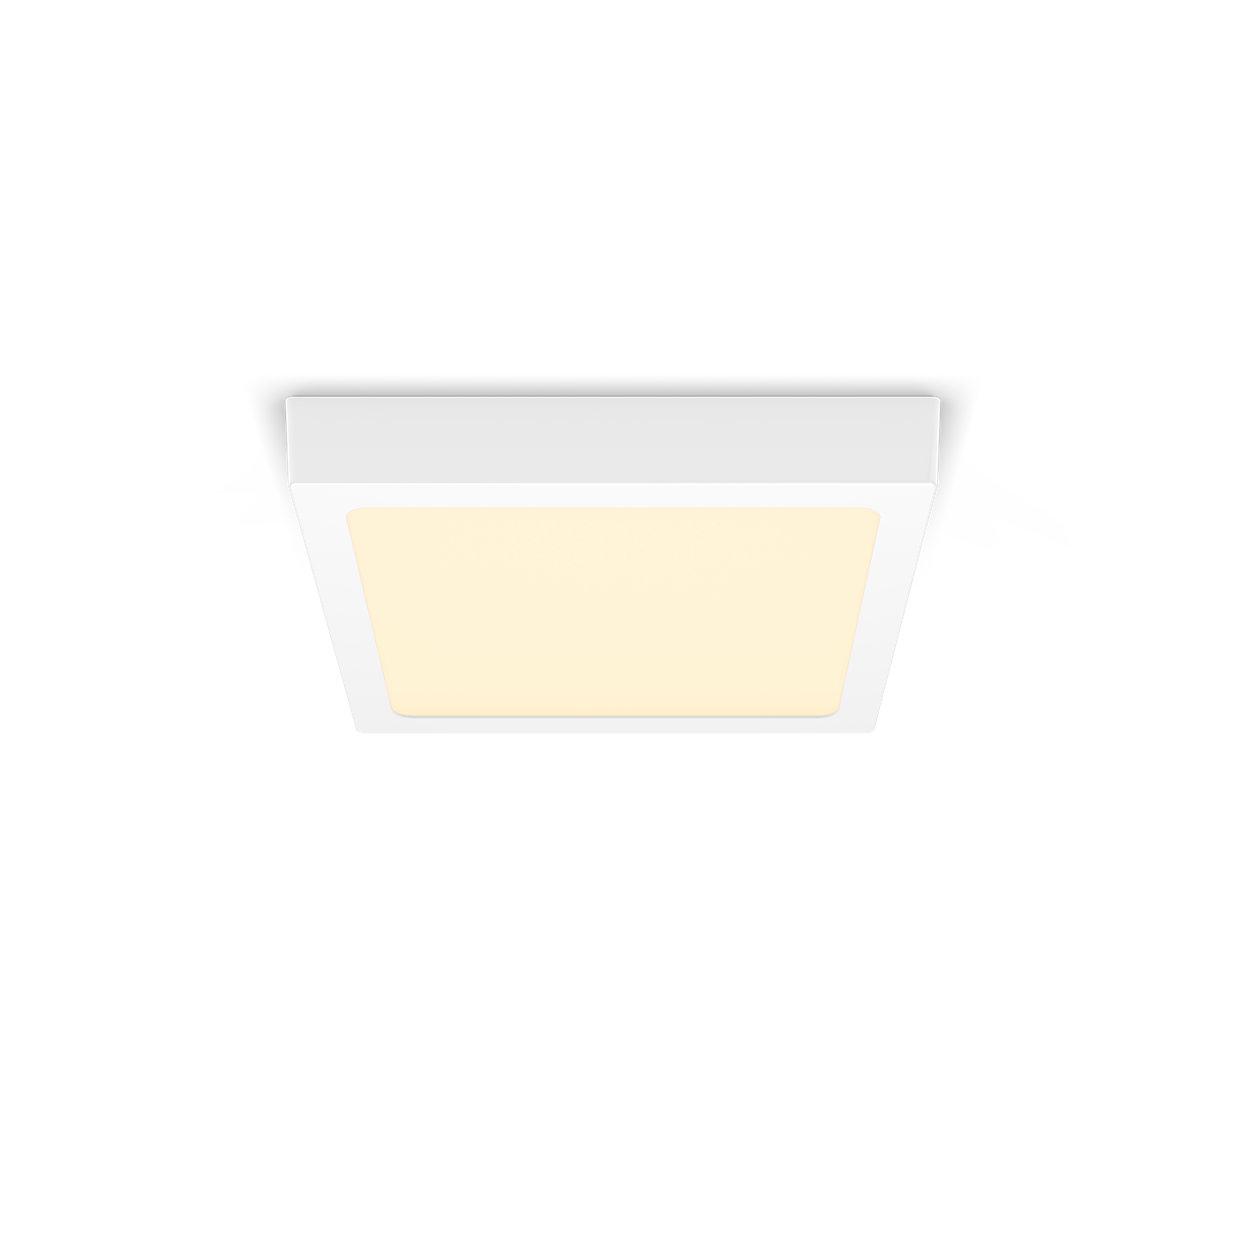 Komfortable LED-Beleuchtung, die die Augen schont